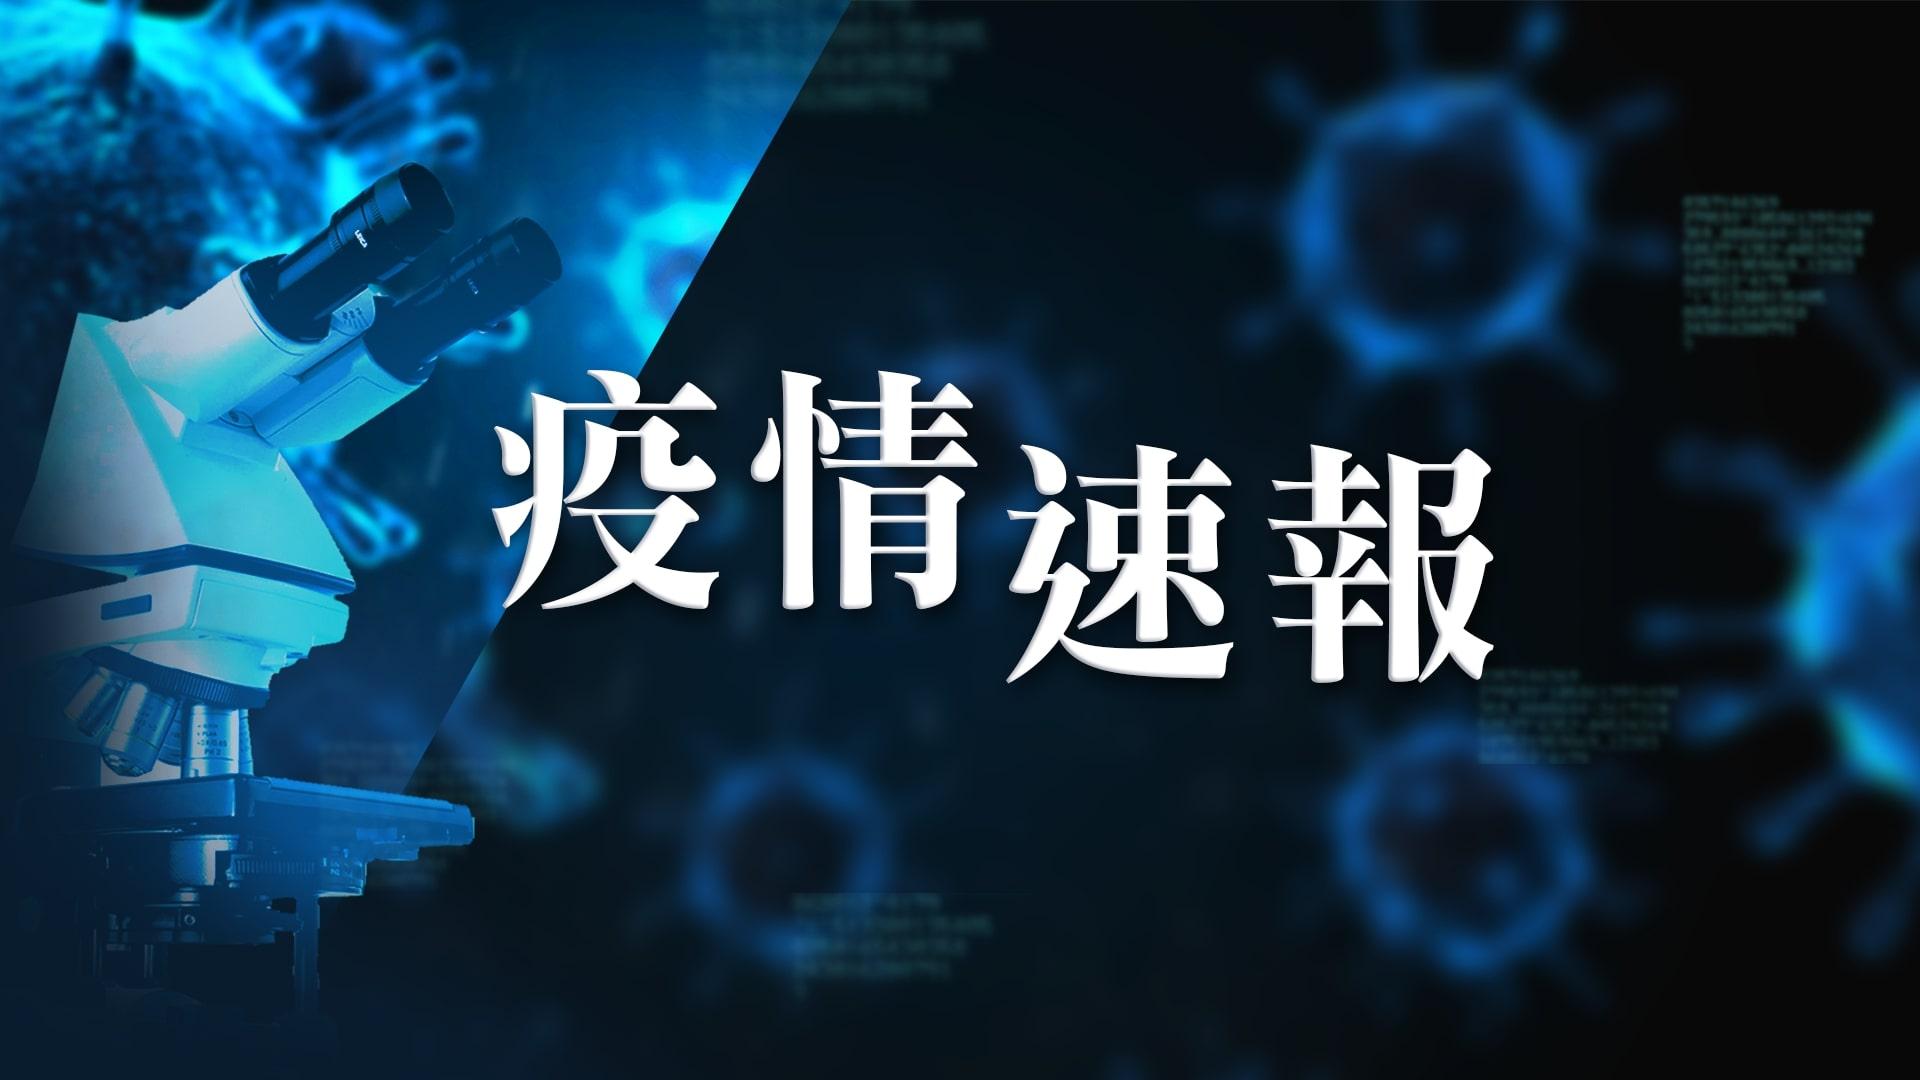 【11月12日疫情速報】(23:40)